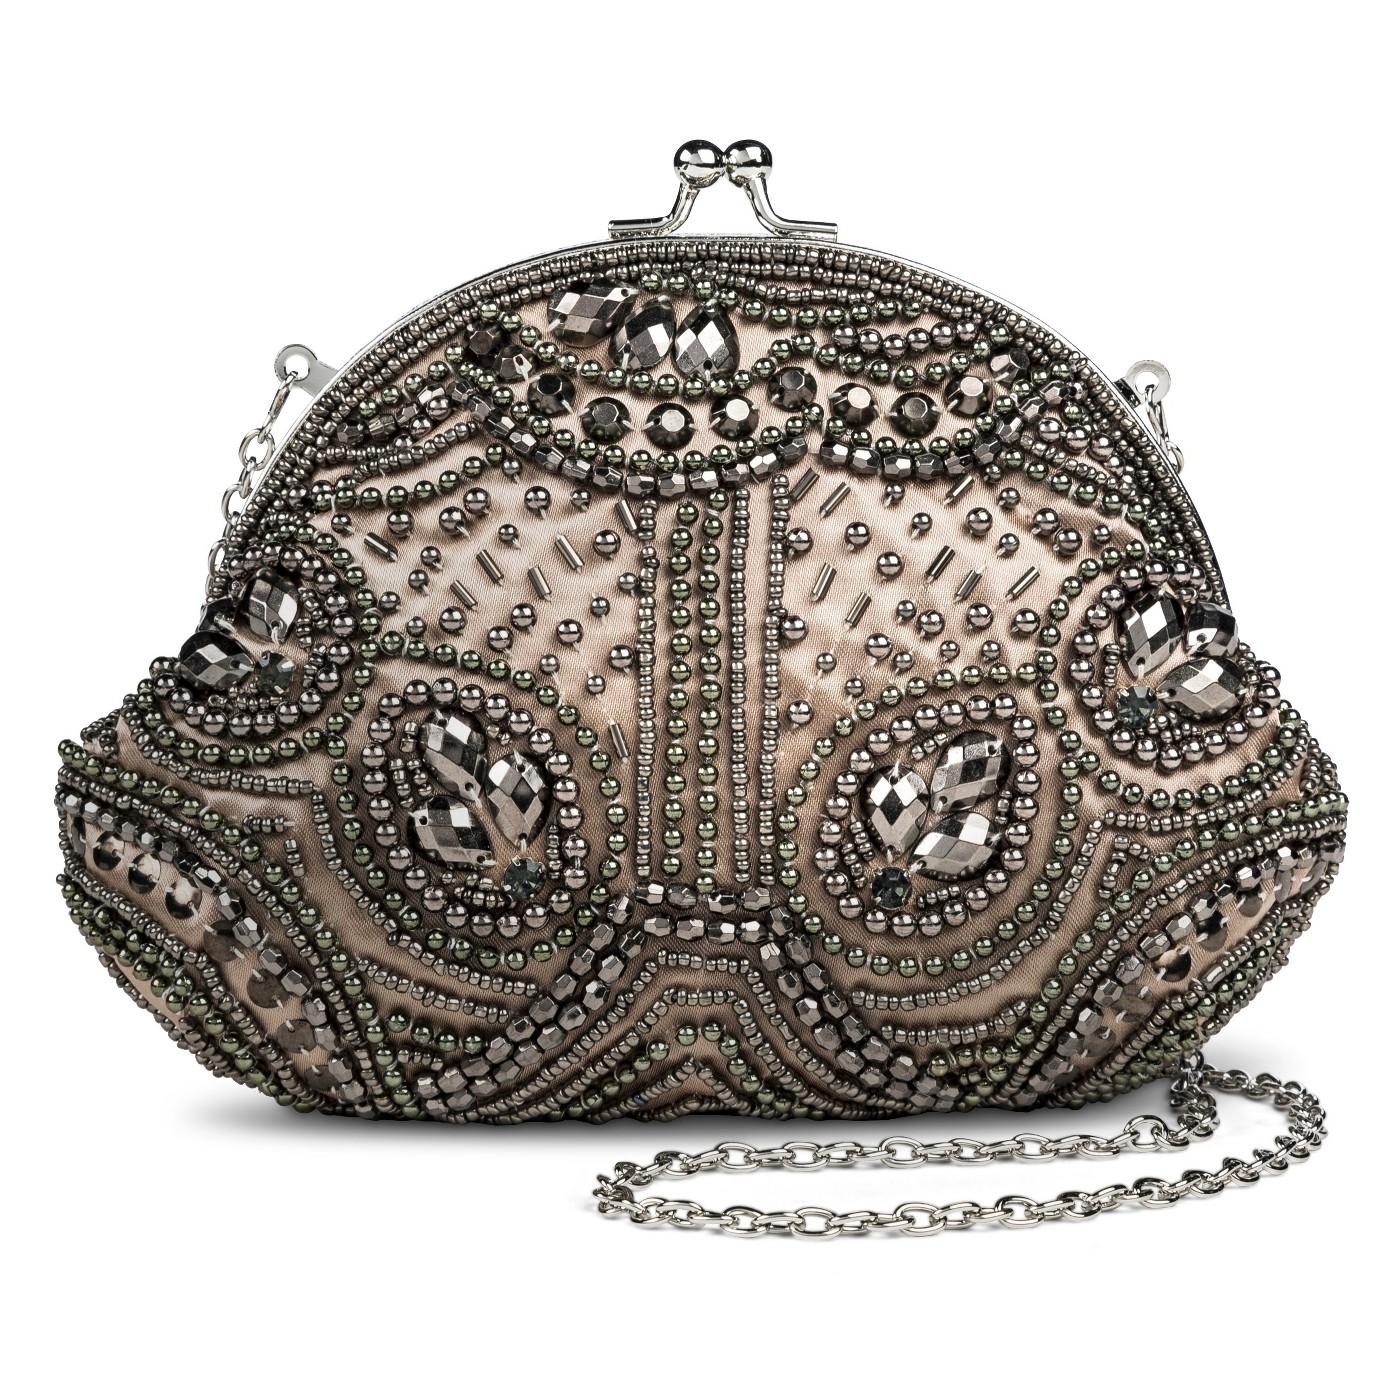 clutch, carteras, bolsos, fiesta, bodas, accesorios